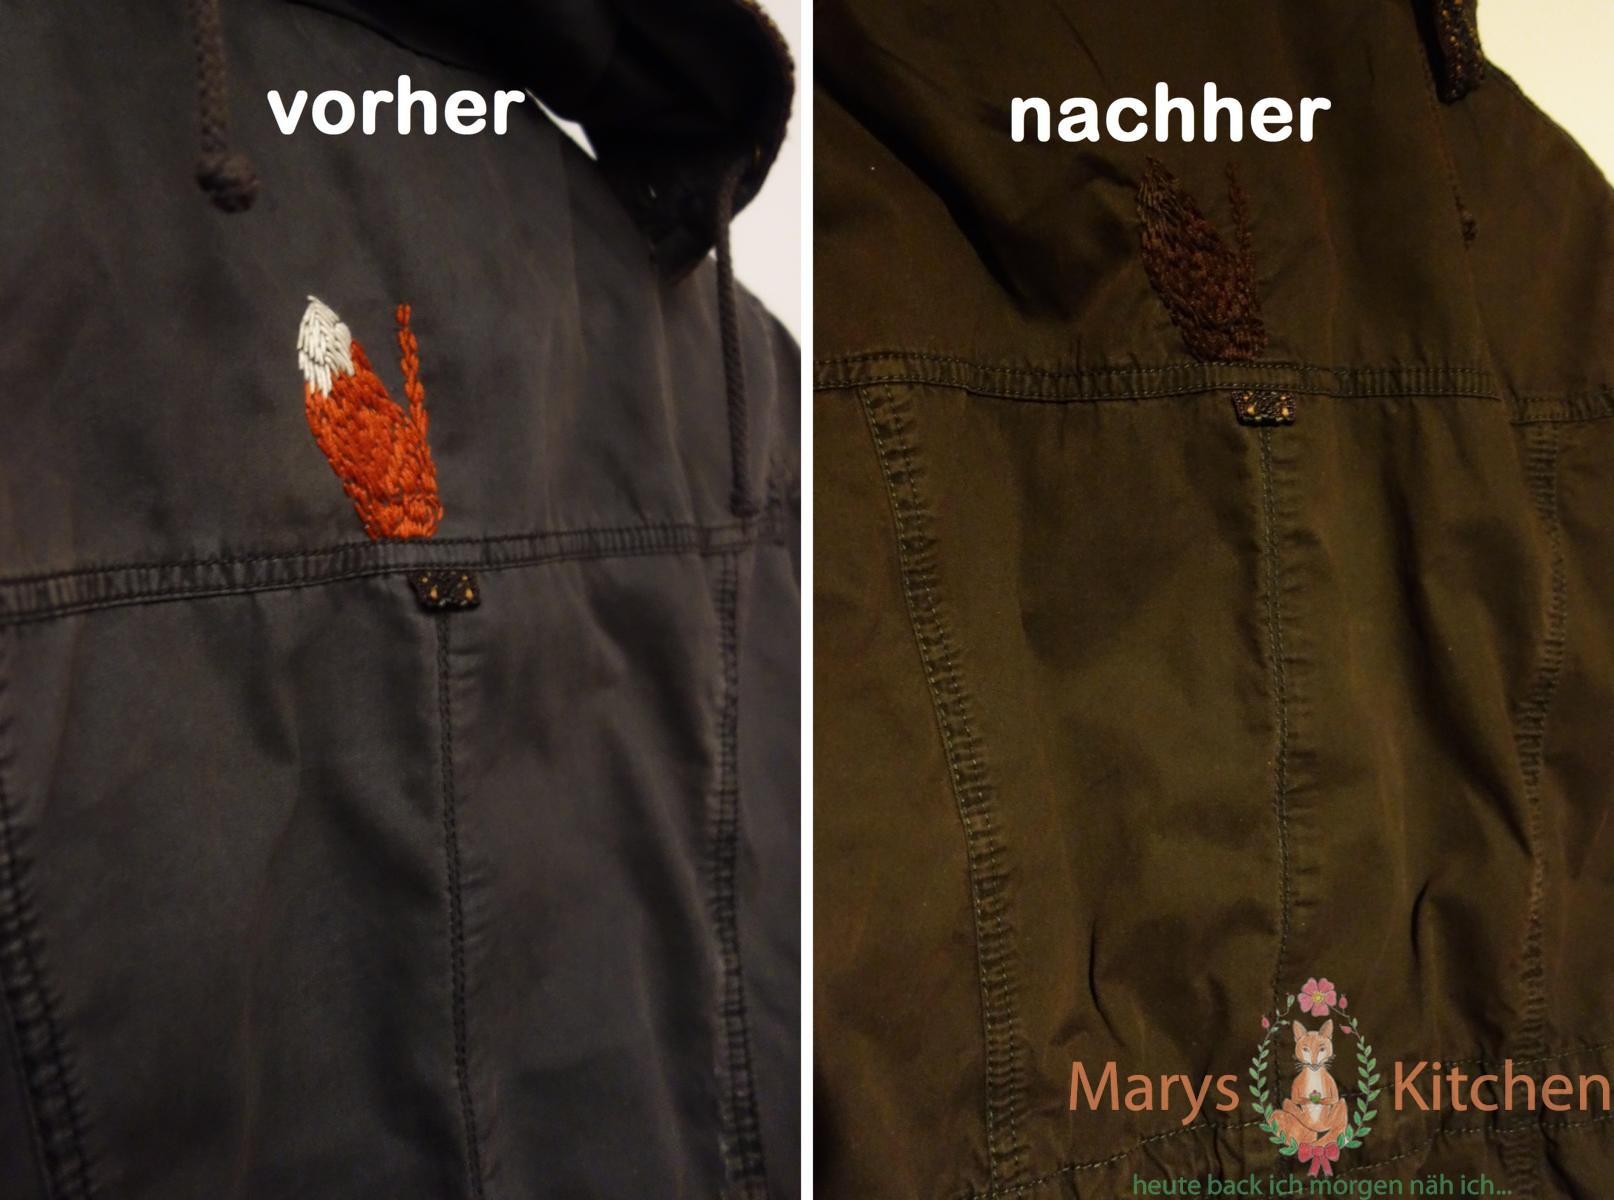 marys-kitchen-parker-jacke-selber-faerben-diy-braun-schwarz